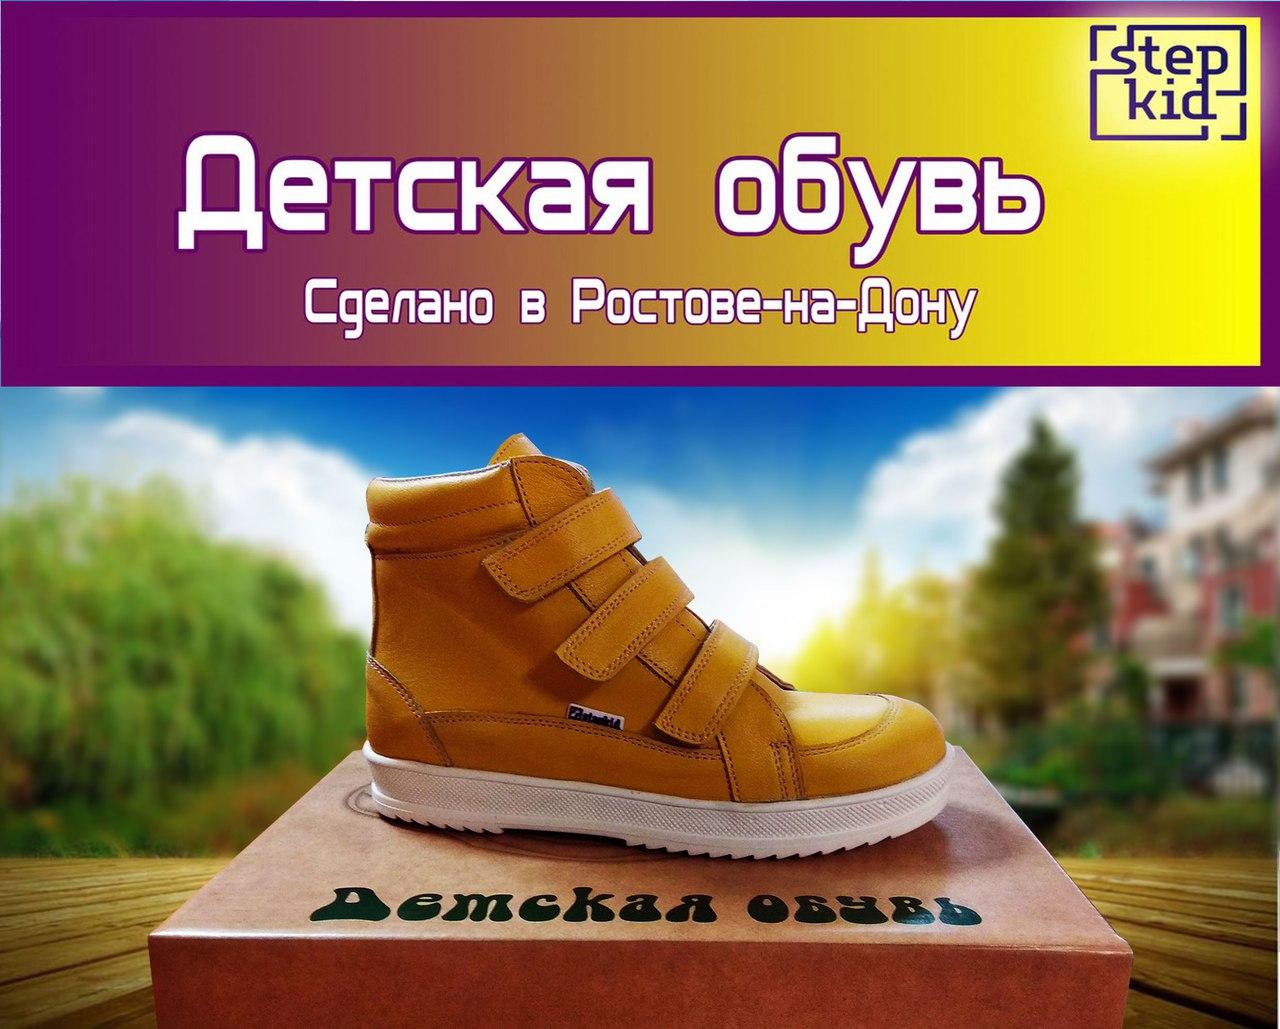 Детская ортопедическая и профилактическая обувь STEPKID  97Pv34xgkR0